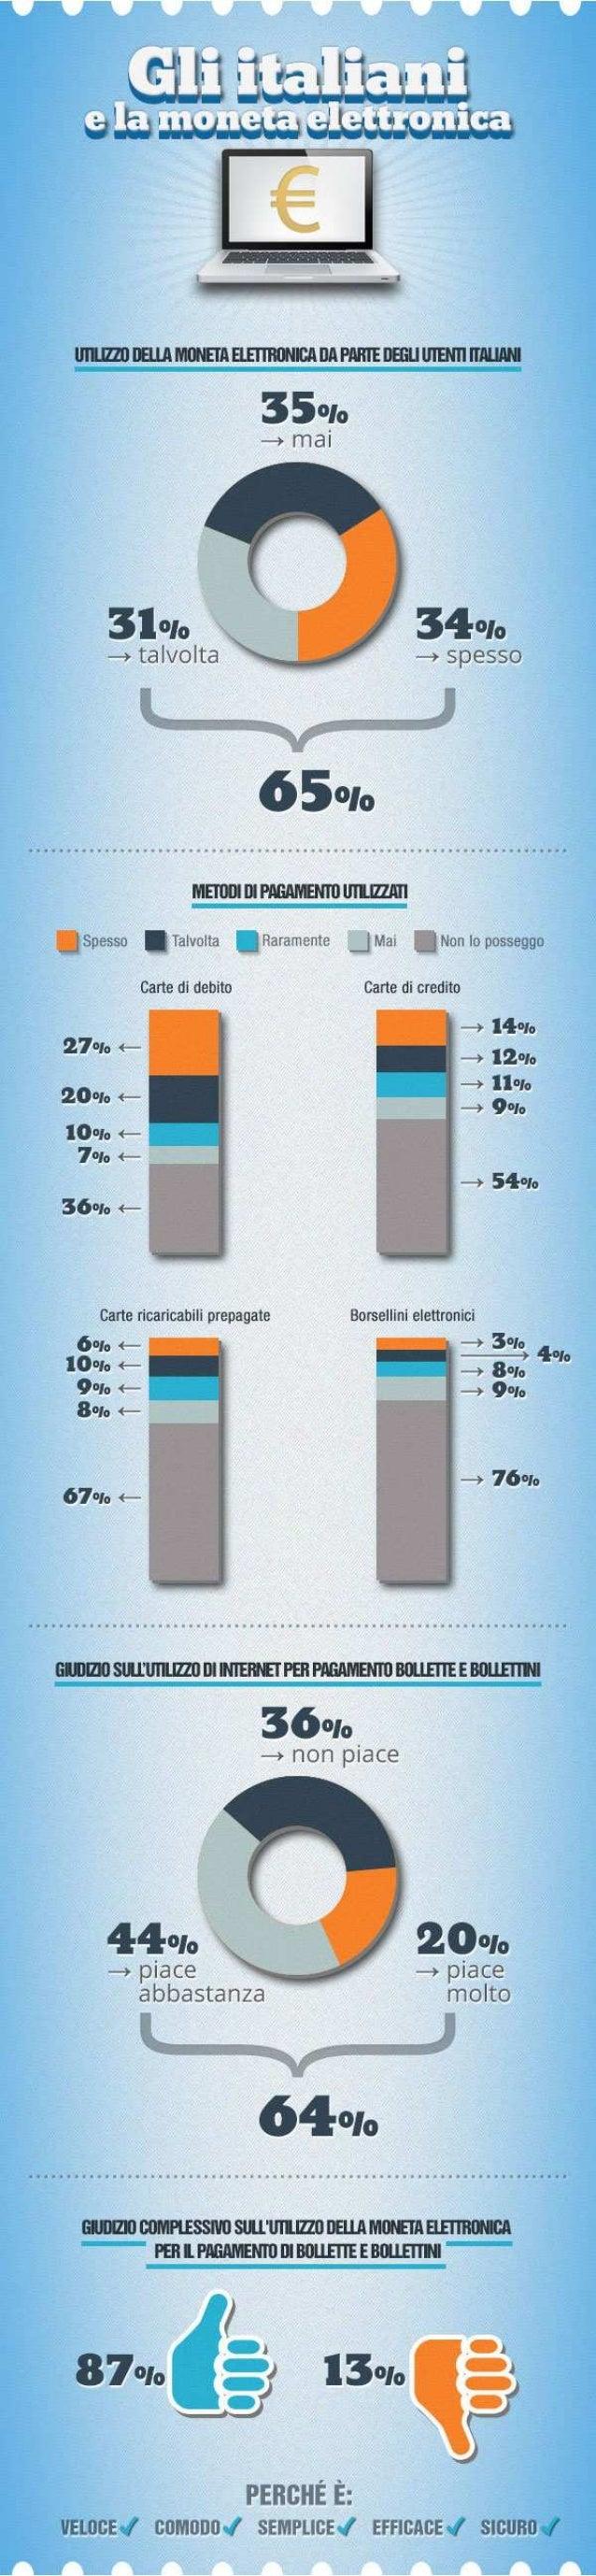 Infografica - Gli Italiani e la moneta elettronica